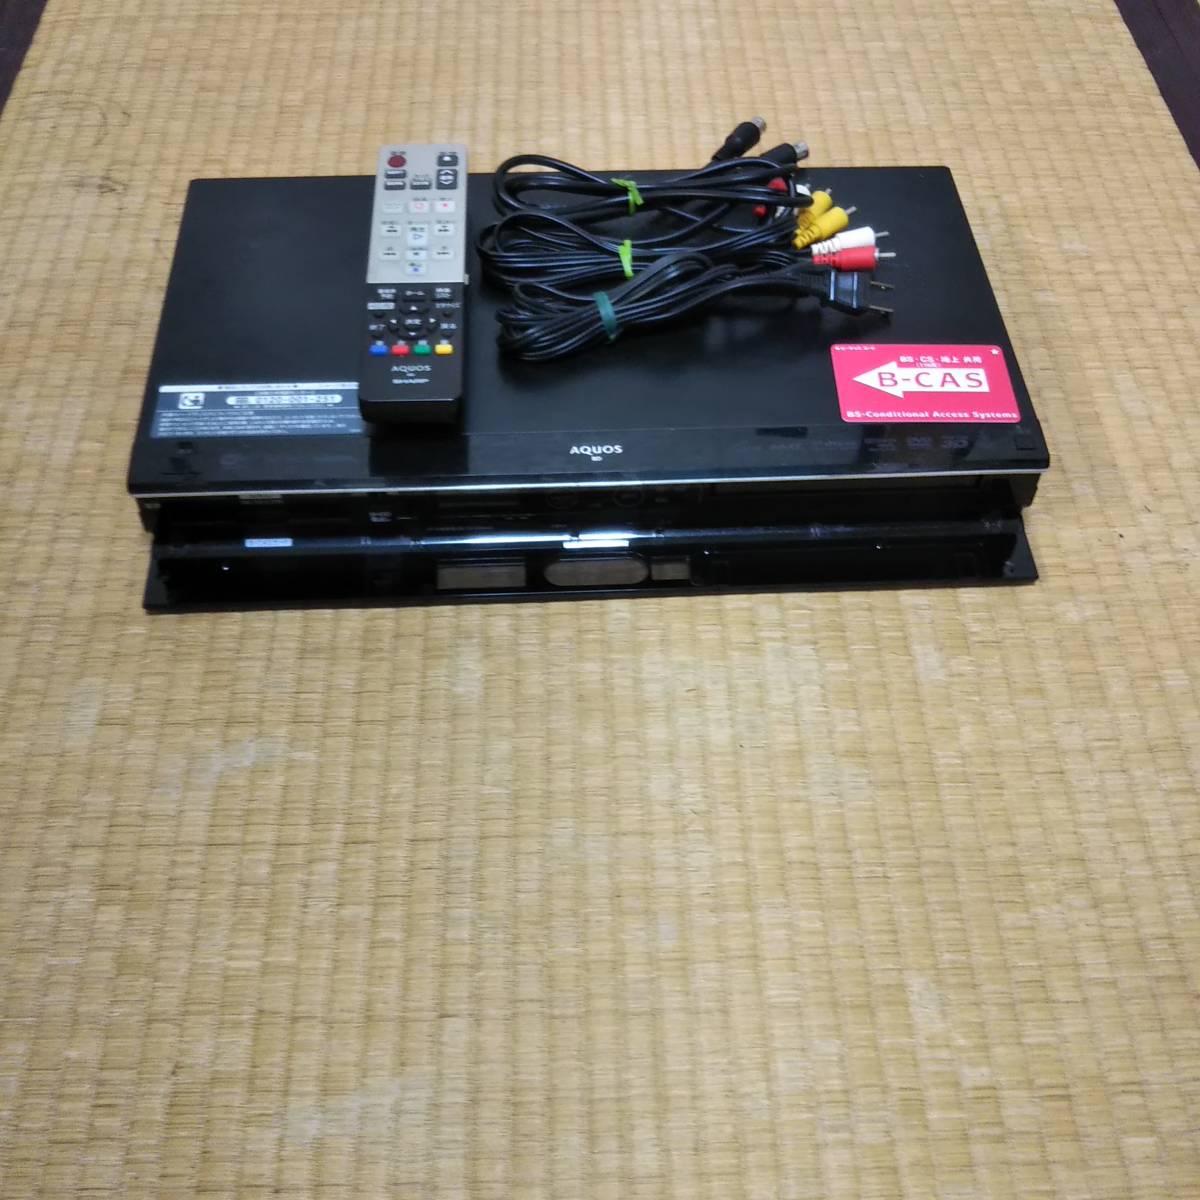 SHARP♪シャープ♪AQUOS/アクオス/BD-T510/ブルーレイレコーダー/3チューナー/500GB/HDD/再生/OK/おまけ/リモコン/ケーブル他/ジャンク